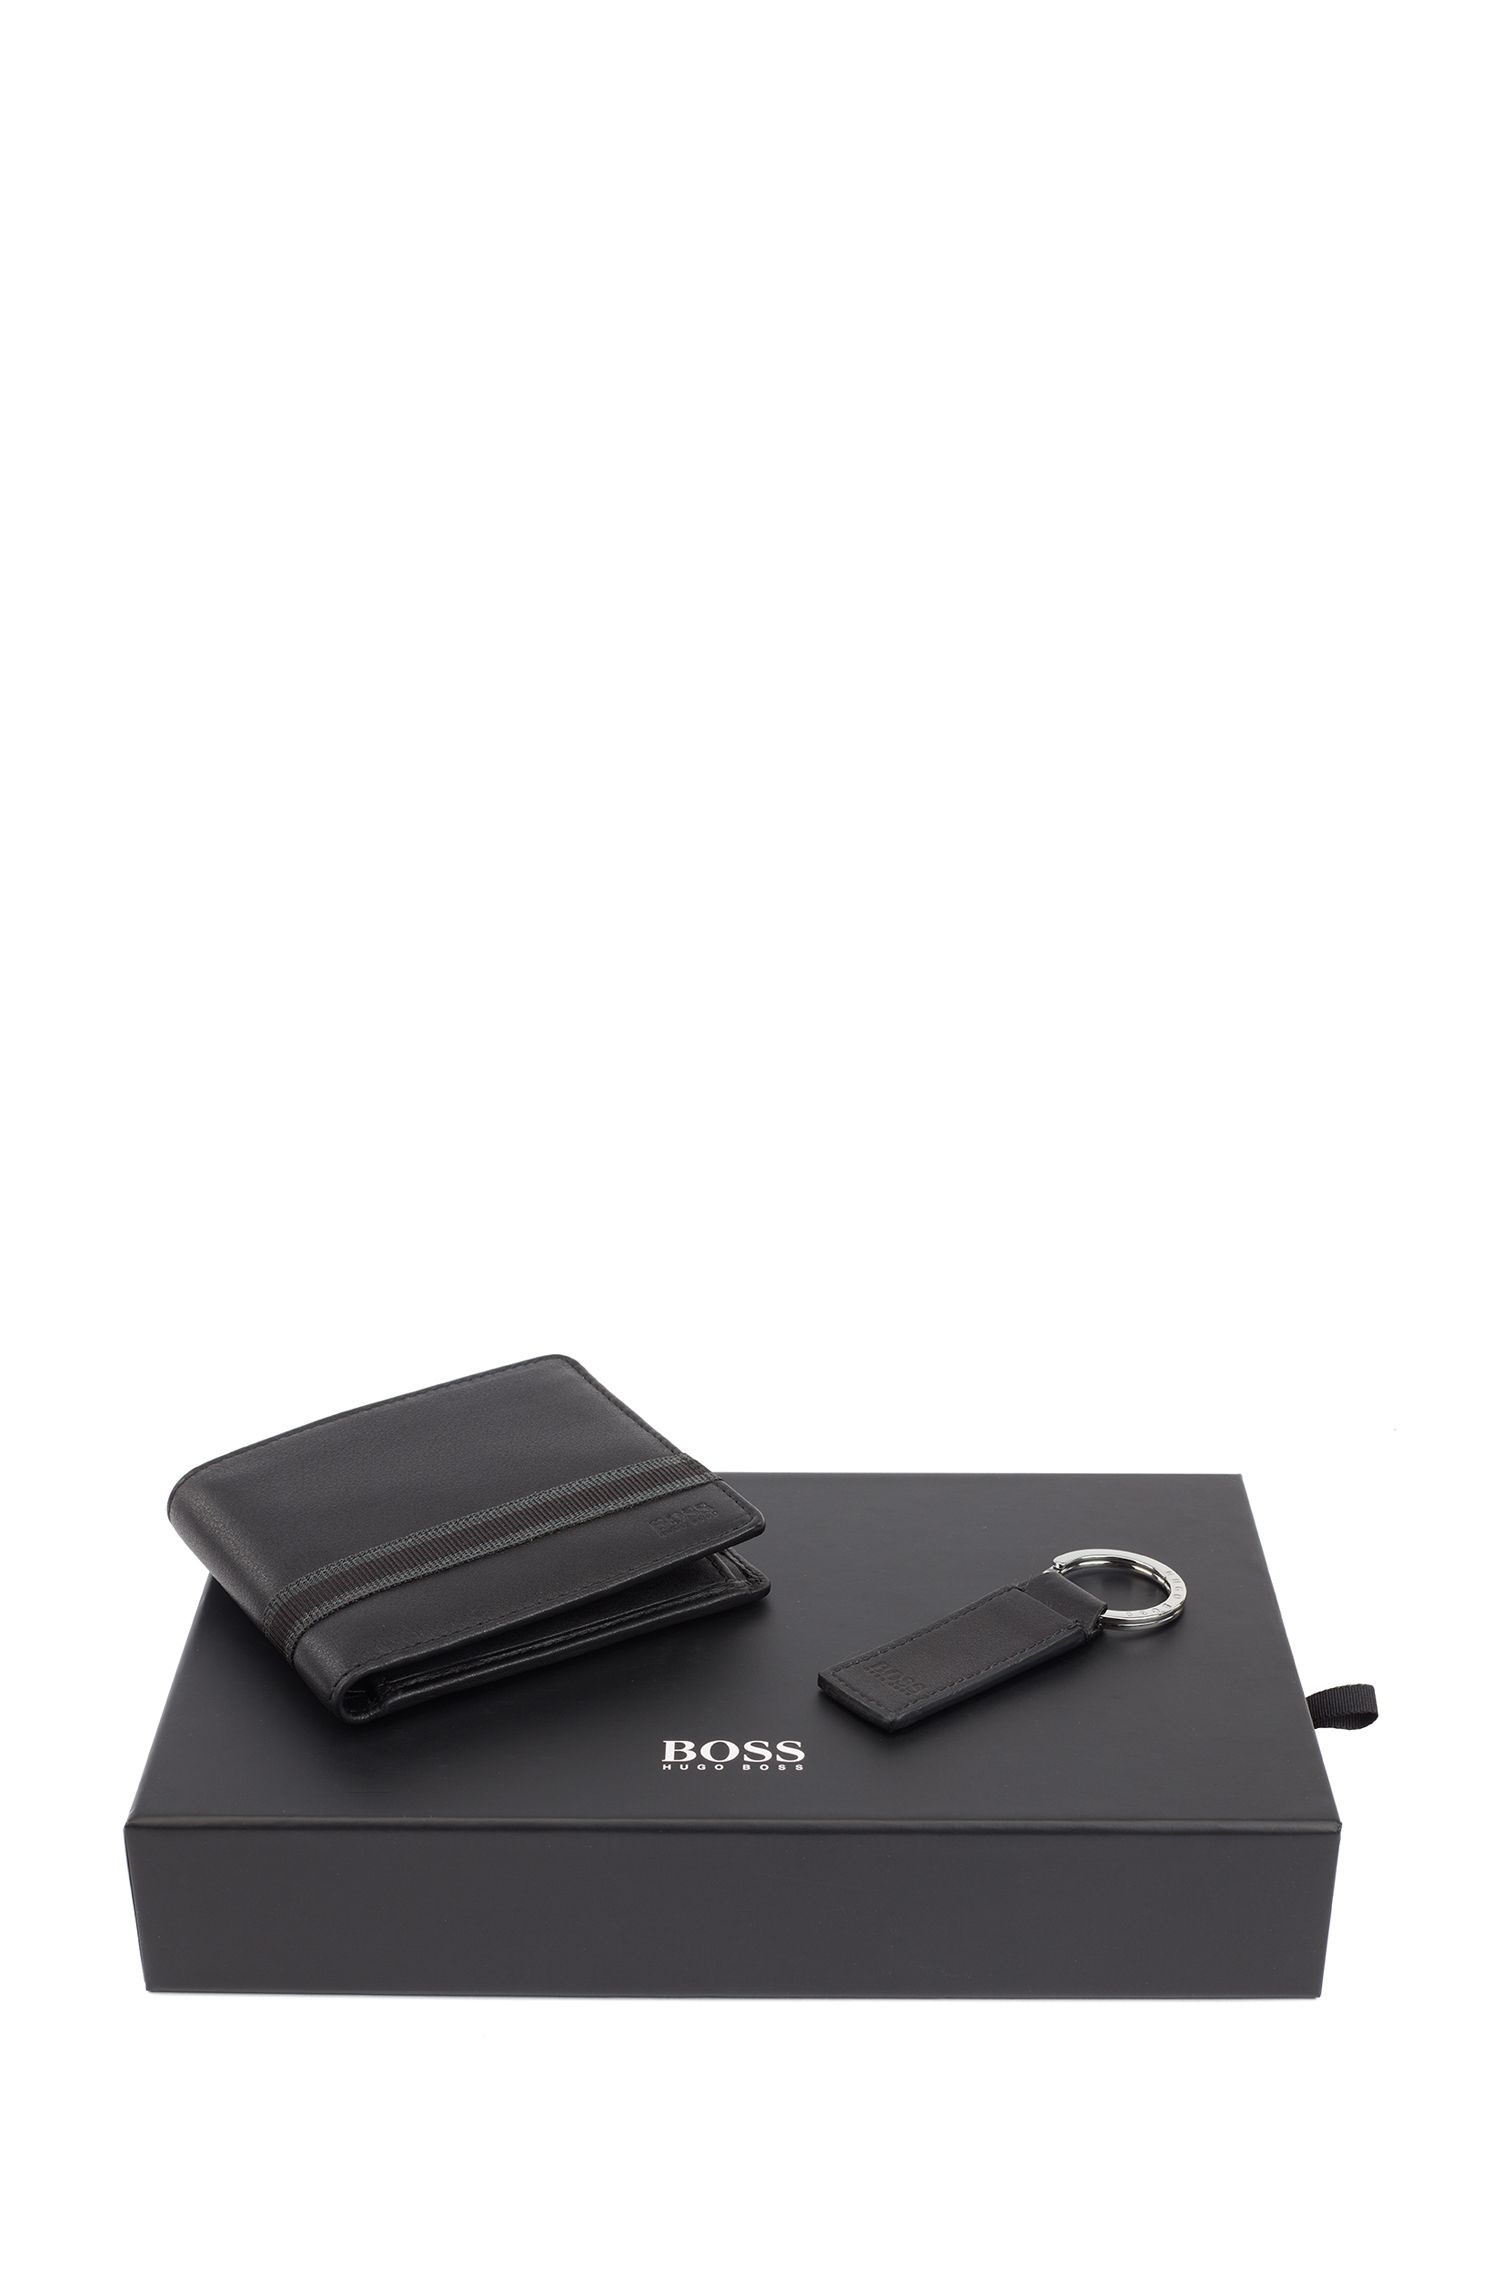 Cadeaubox met portemonnee en sleutelhanger van nappaleer, Zwart